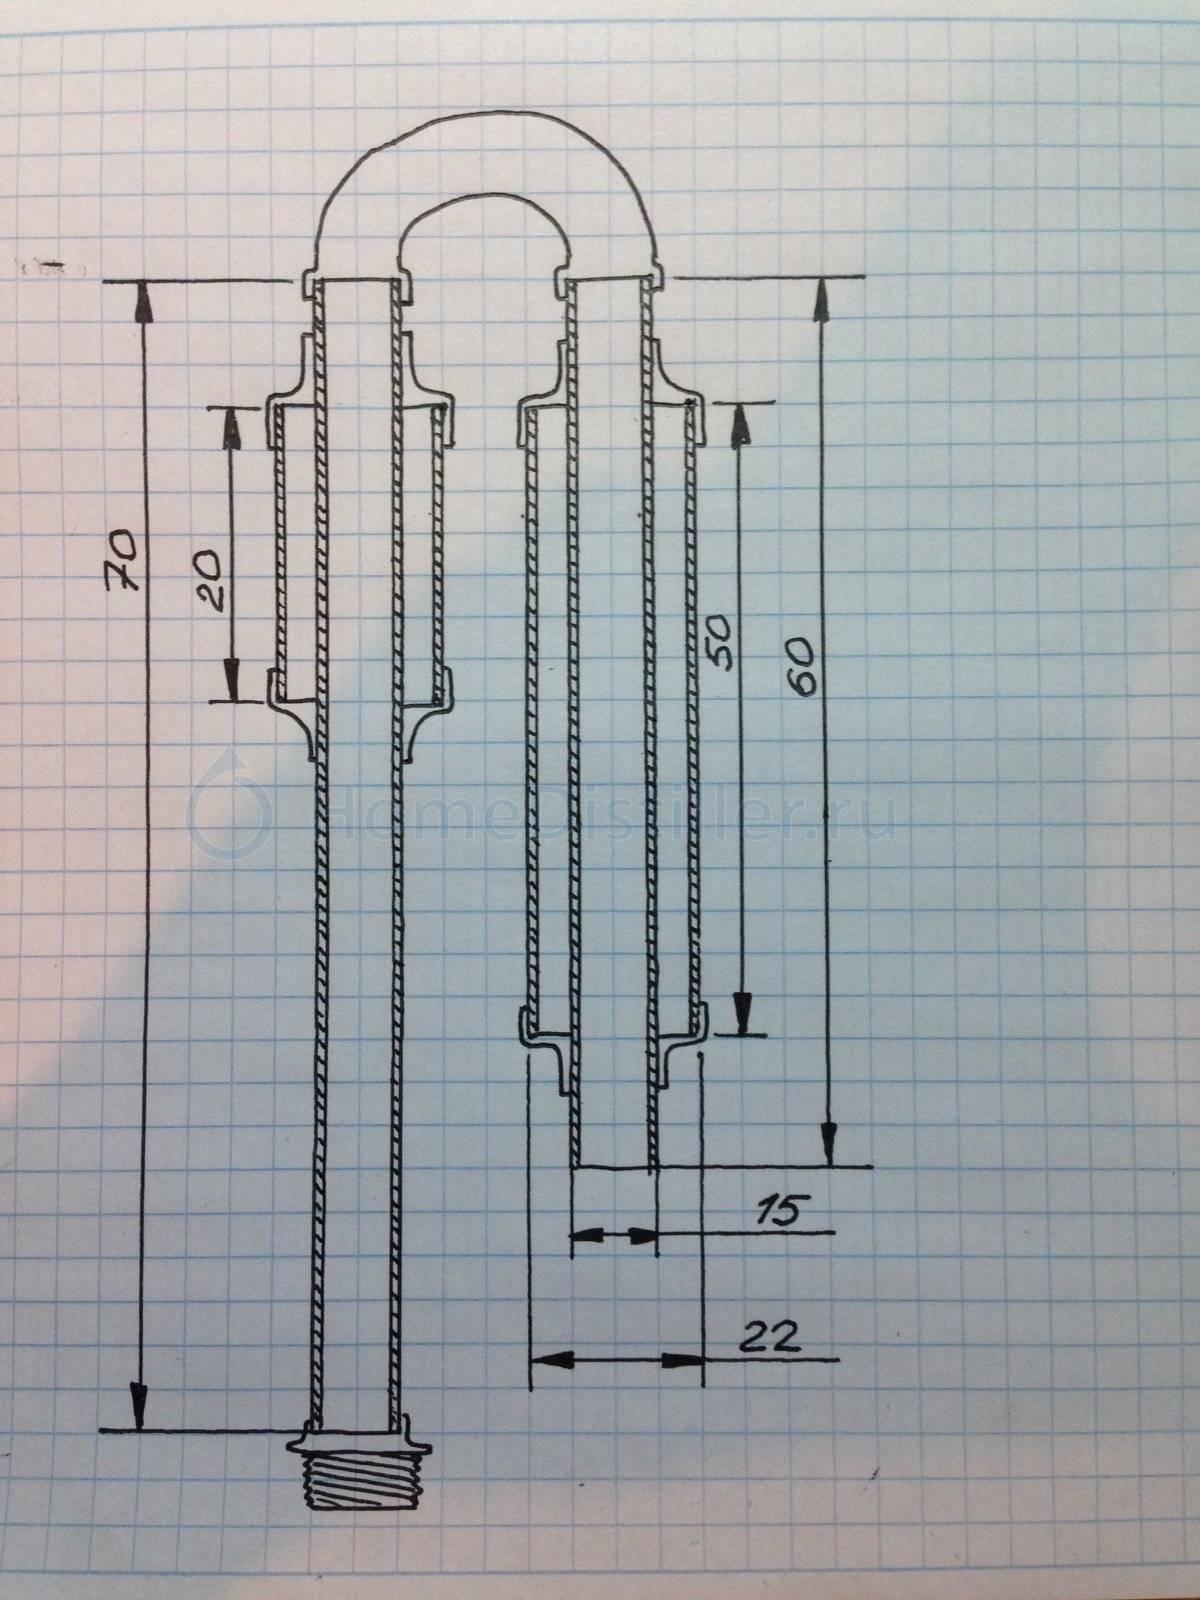 Ректификационная колонна своими руками видео как сделать – точные расчеты по чертежам и как сделать из фитингов сантехники в домашних условиях